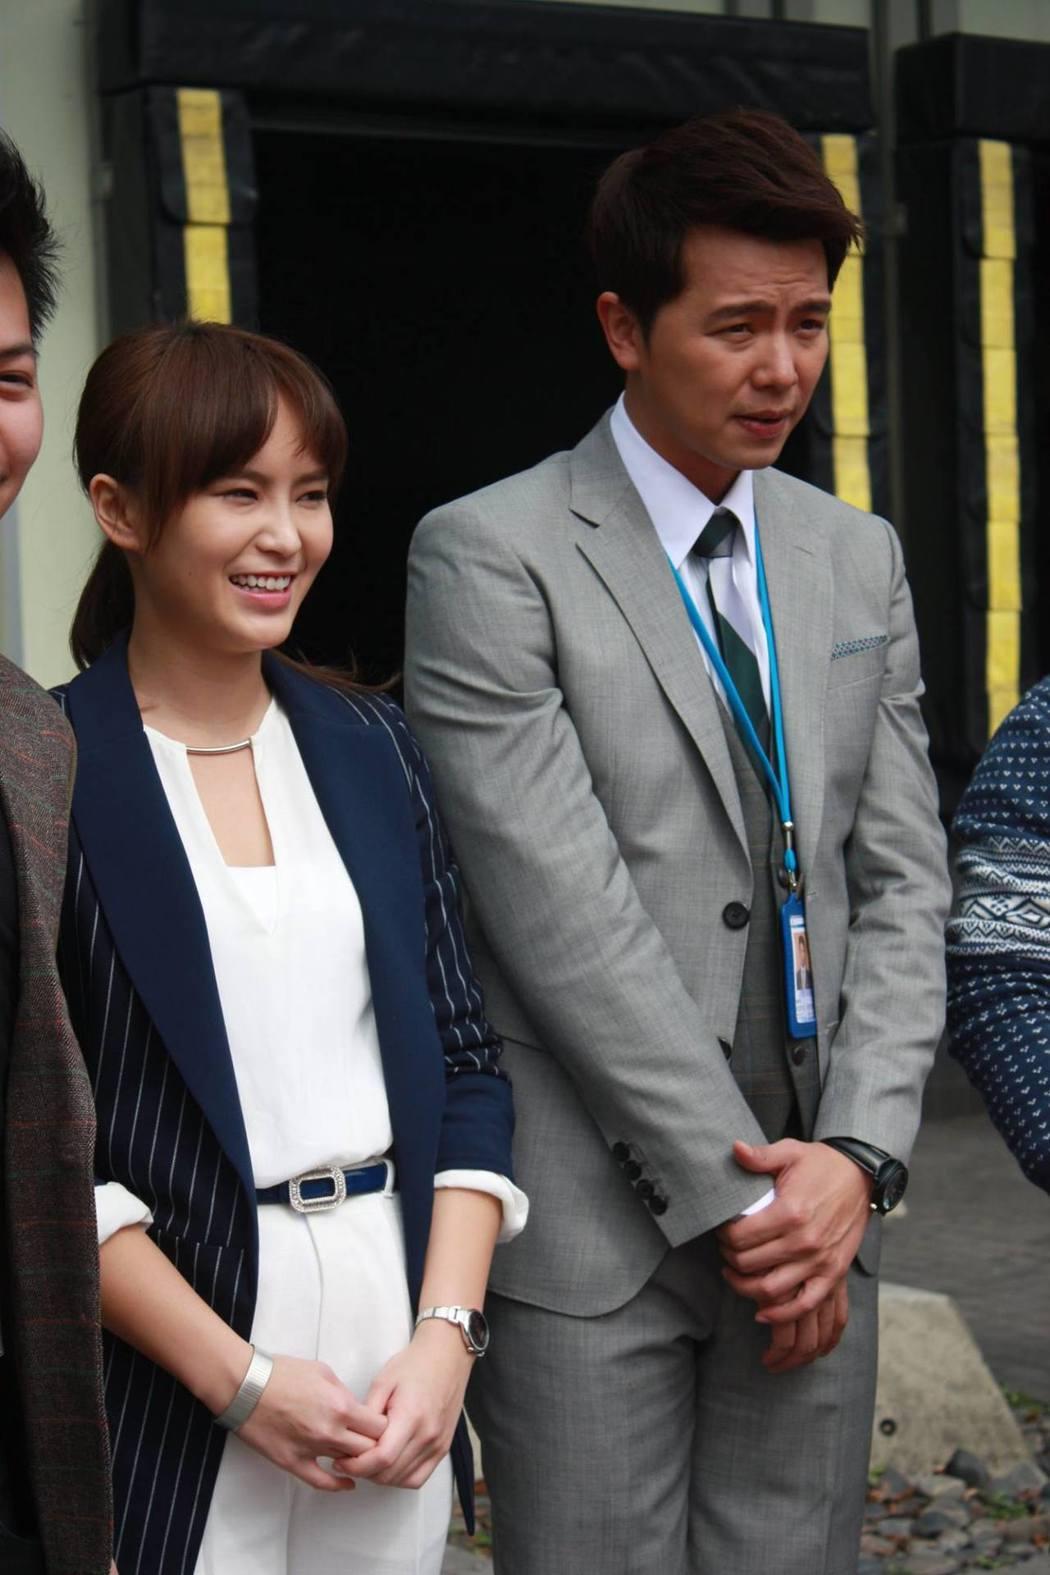 黃鴻升(右)曾主演「一屋二欺」,與導演謝辰陽合作。圖/摘自臉書